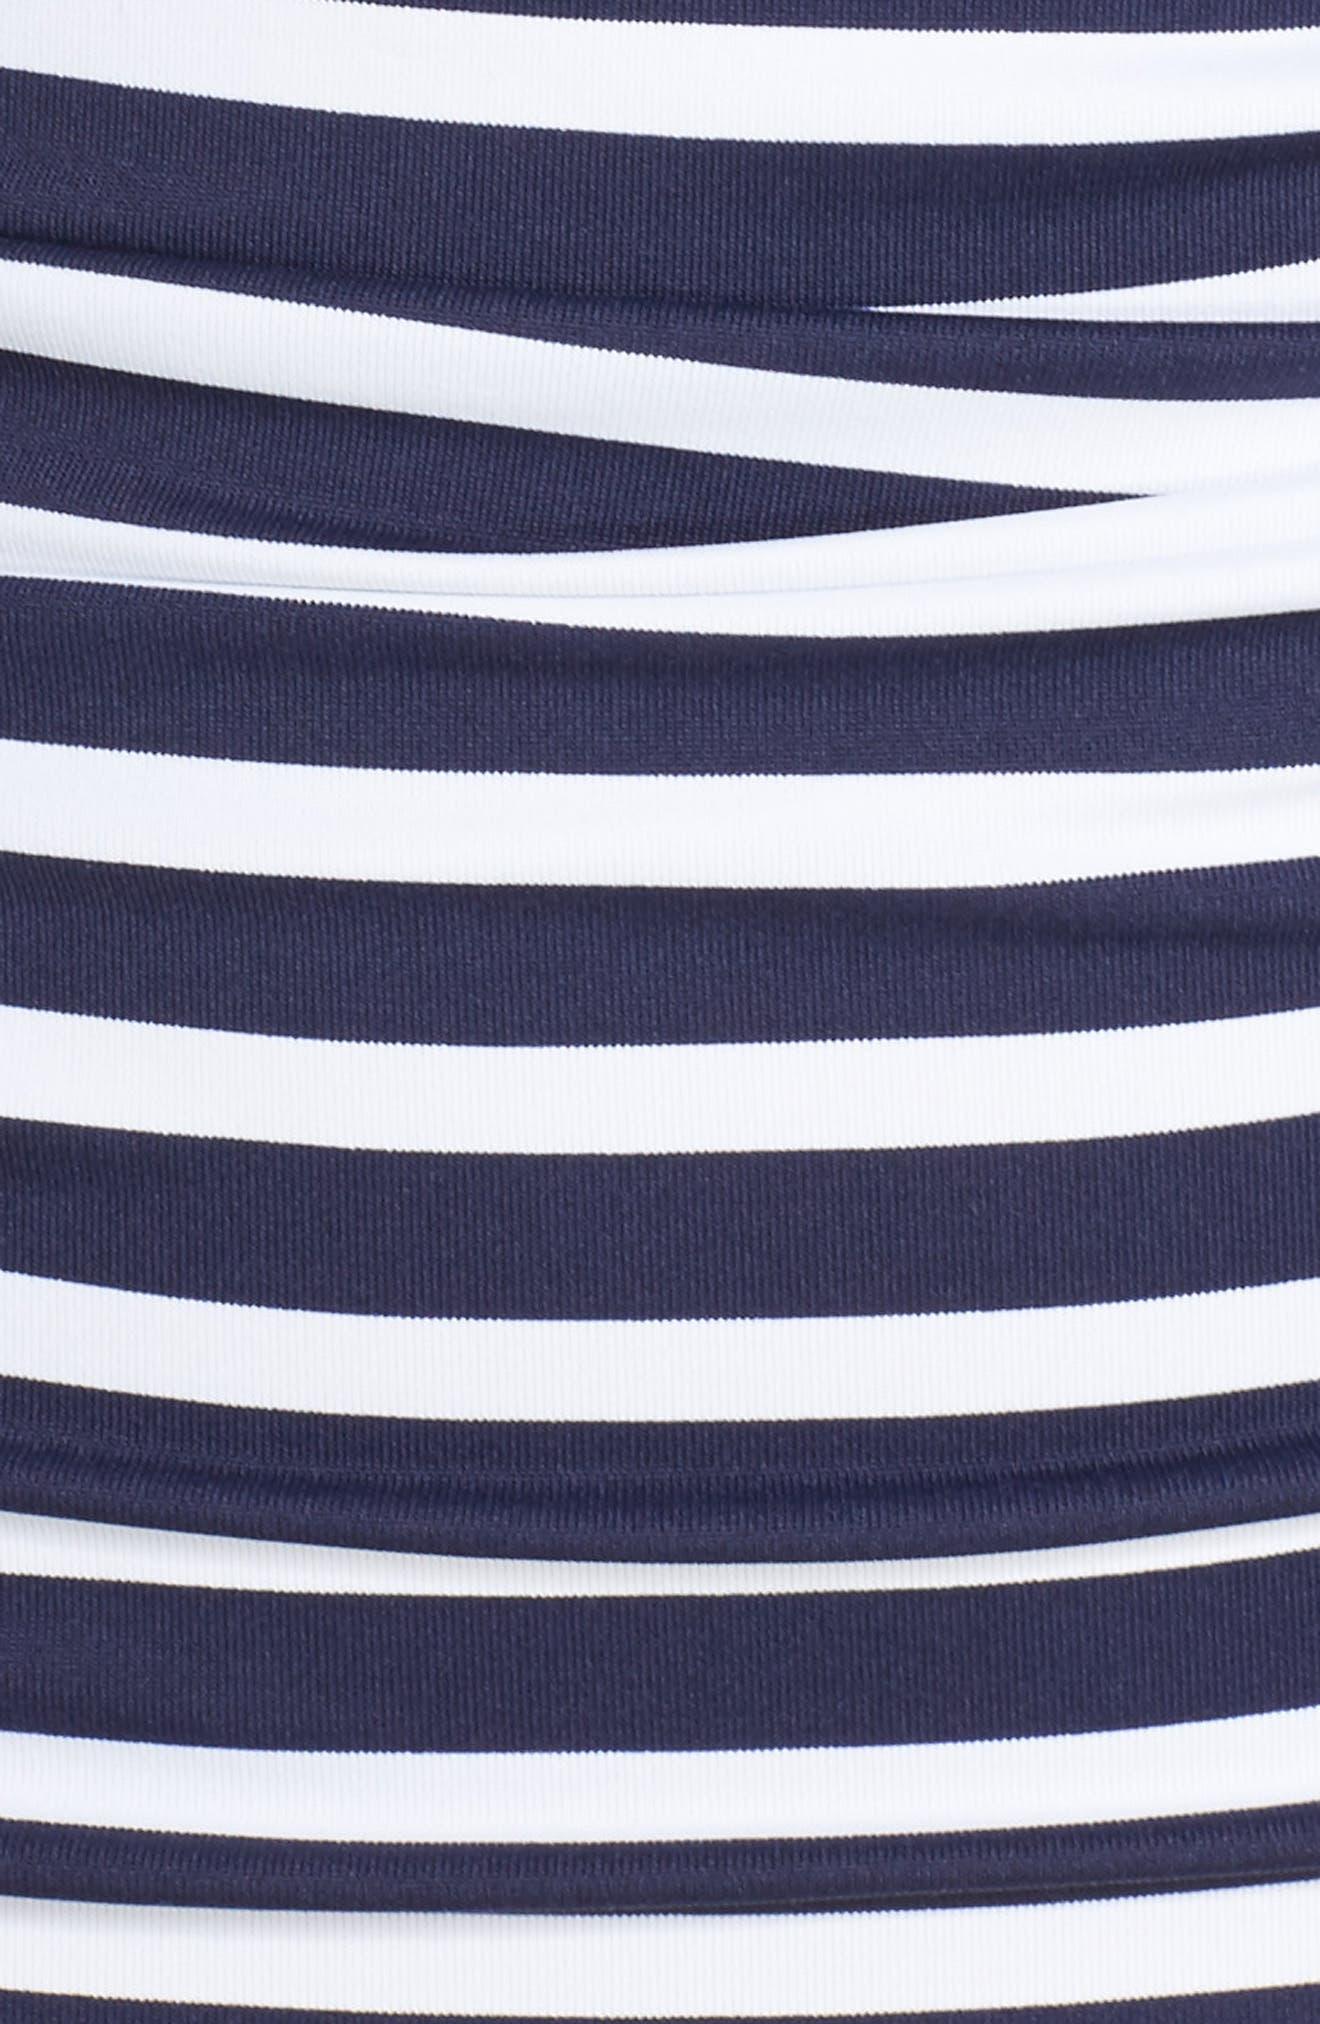 Breton Stripe Tankini Top,                             Alternate thumbnail 5, color,                             400